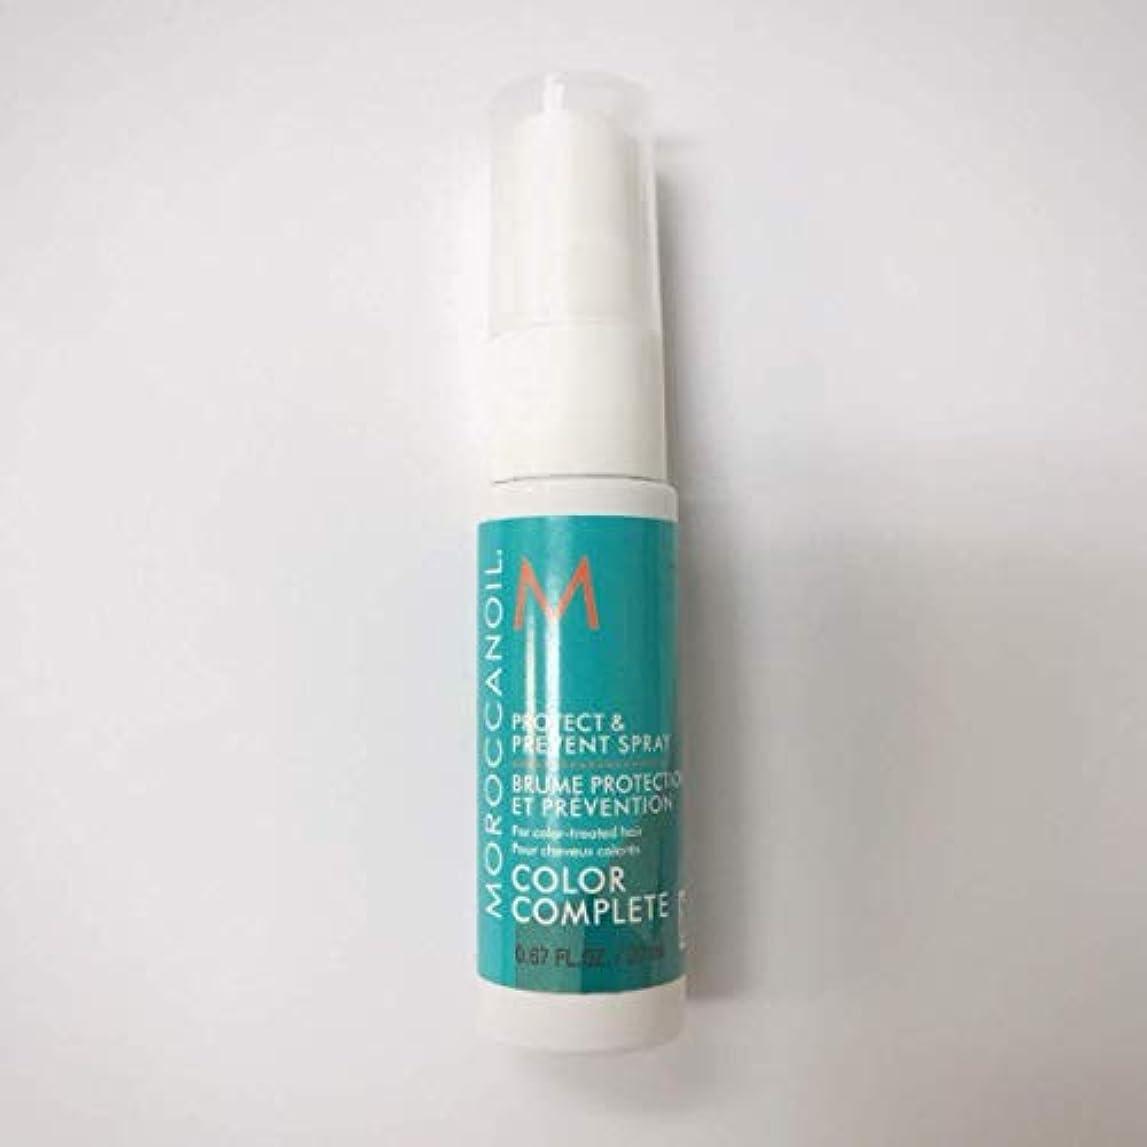 標準少し篭Moroccanoil Protect & Prevent Color Complete Spray Travel Size 20ml [並行輸入品]